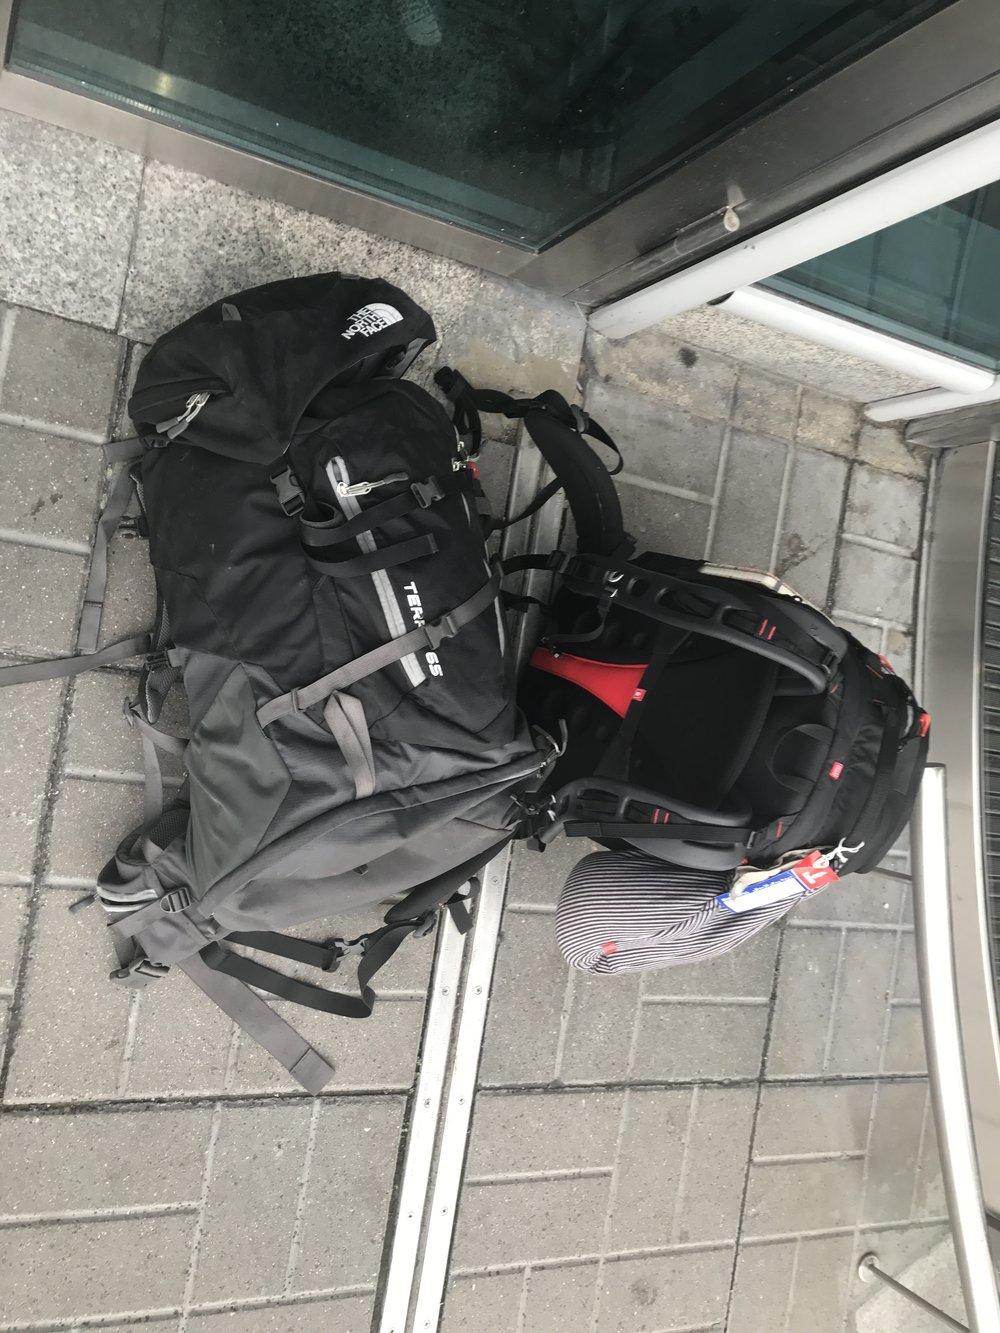 جميع ما أحمله من حقائب طيلة هذه الرحلة